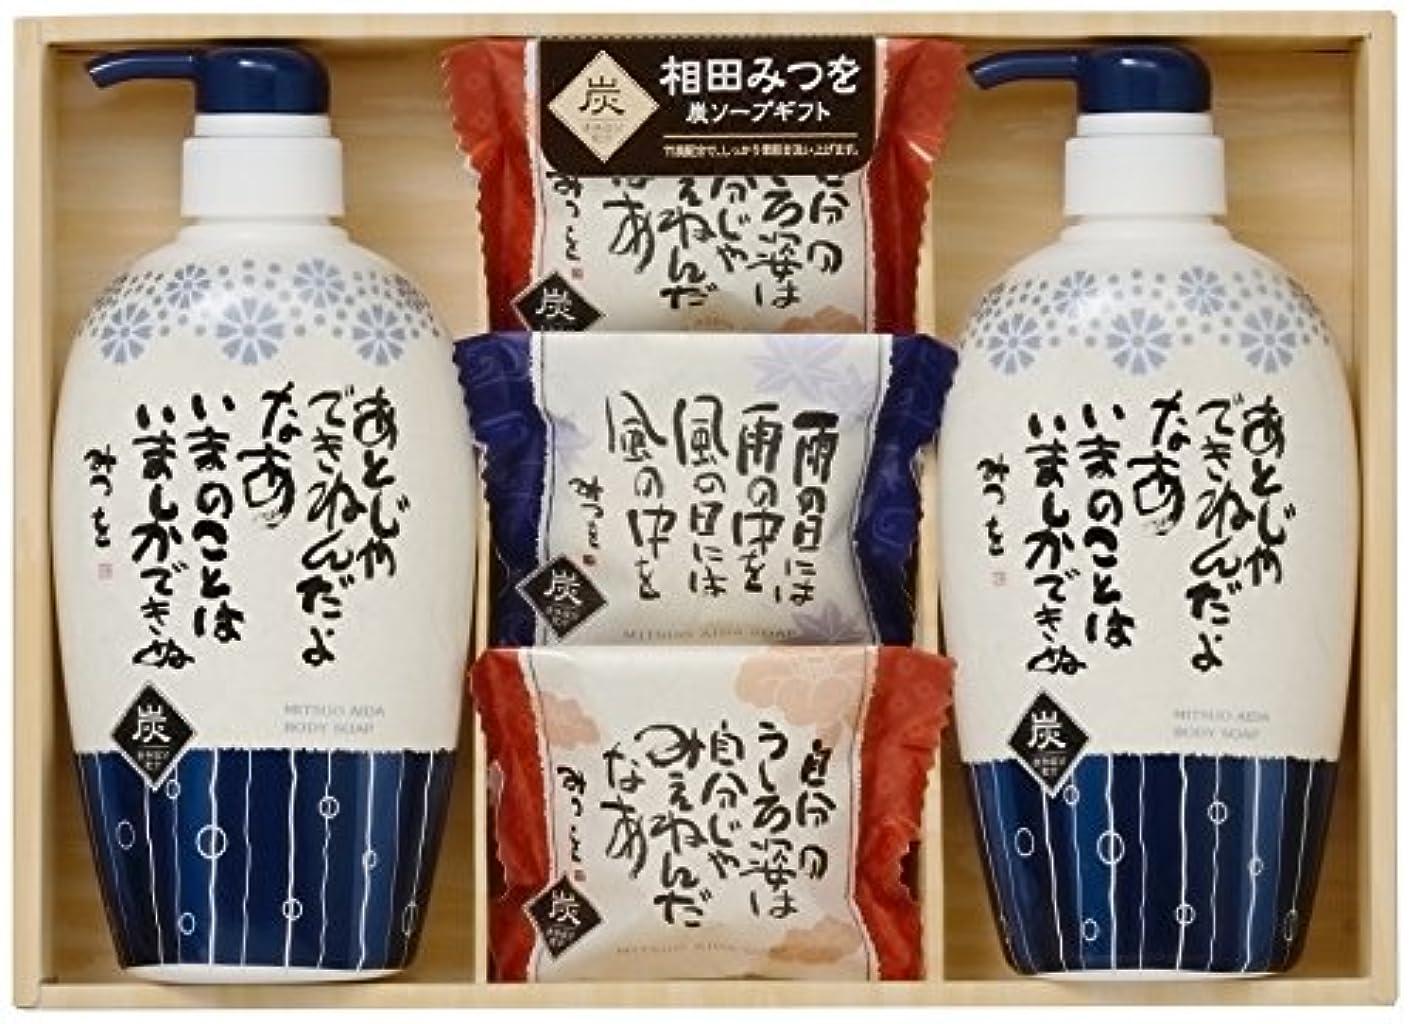 架空の虚弱強調する田中太商店 ギフト 相田みつを炭ソープセット YKA-25